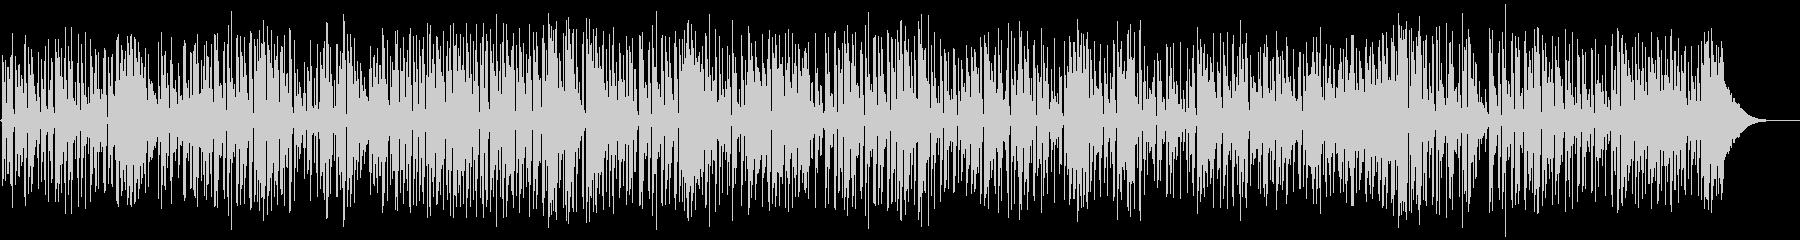 フォークアコースティックギターデュオの未再生の波形